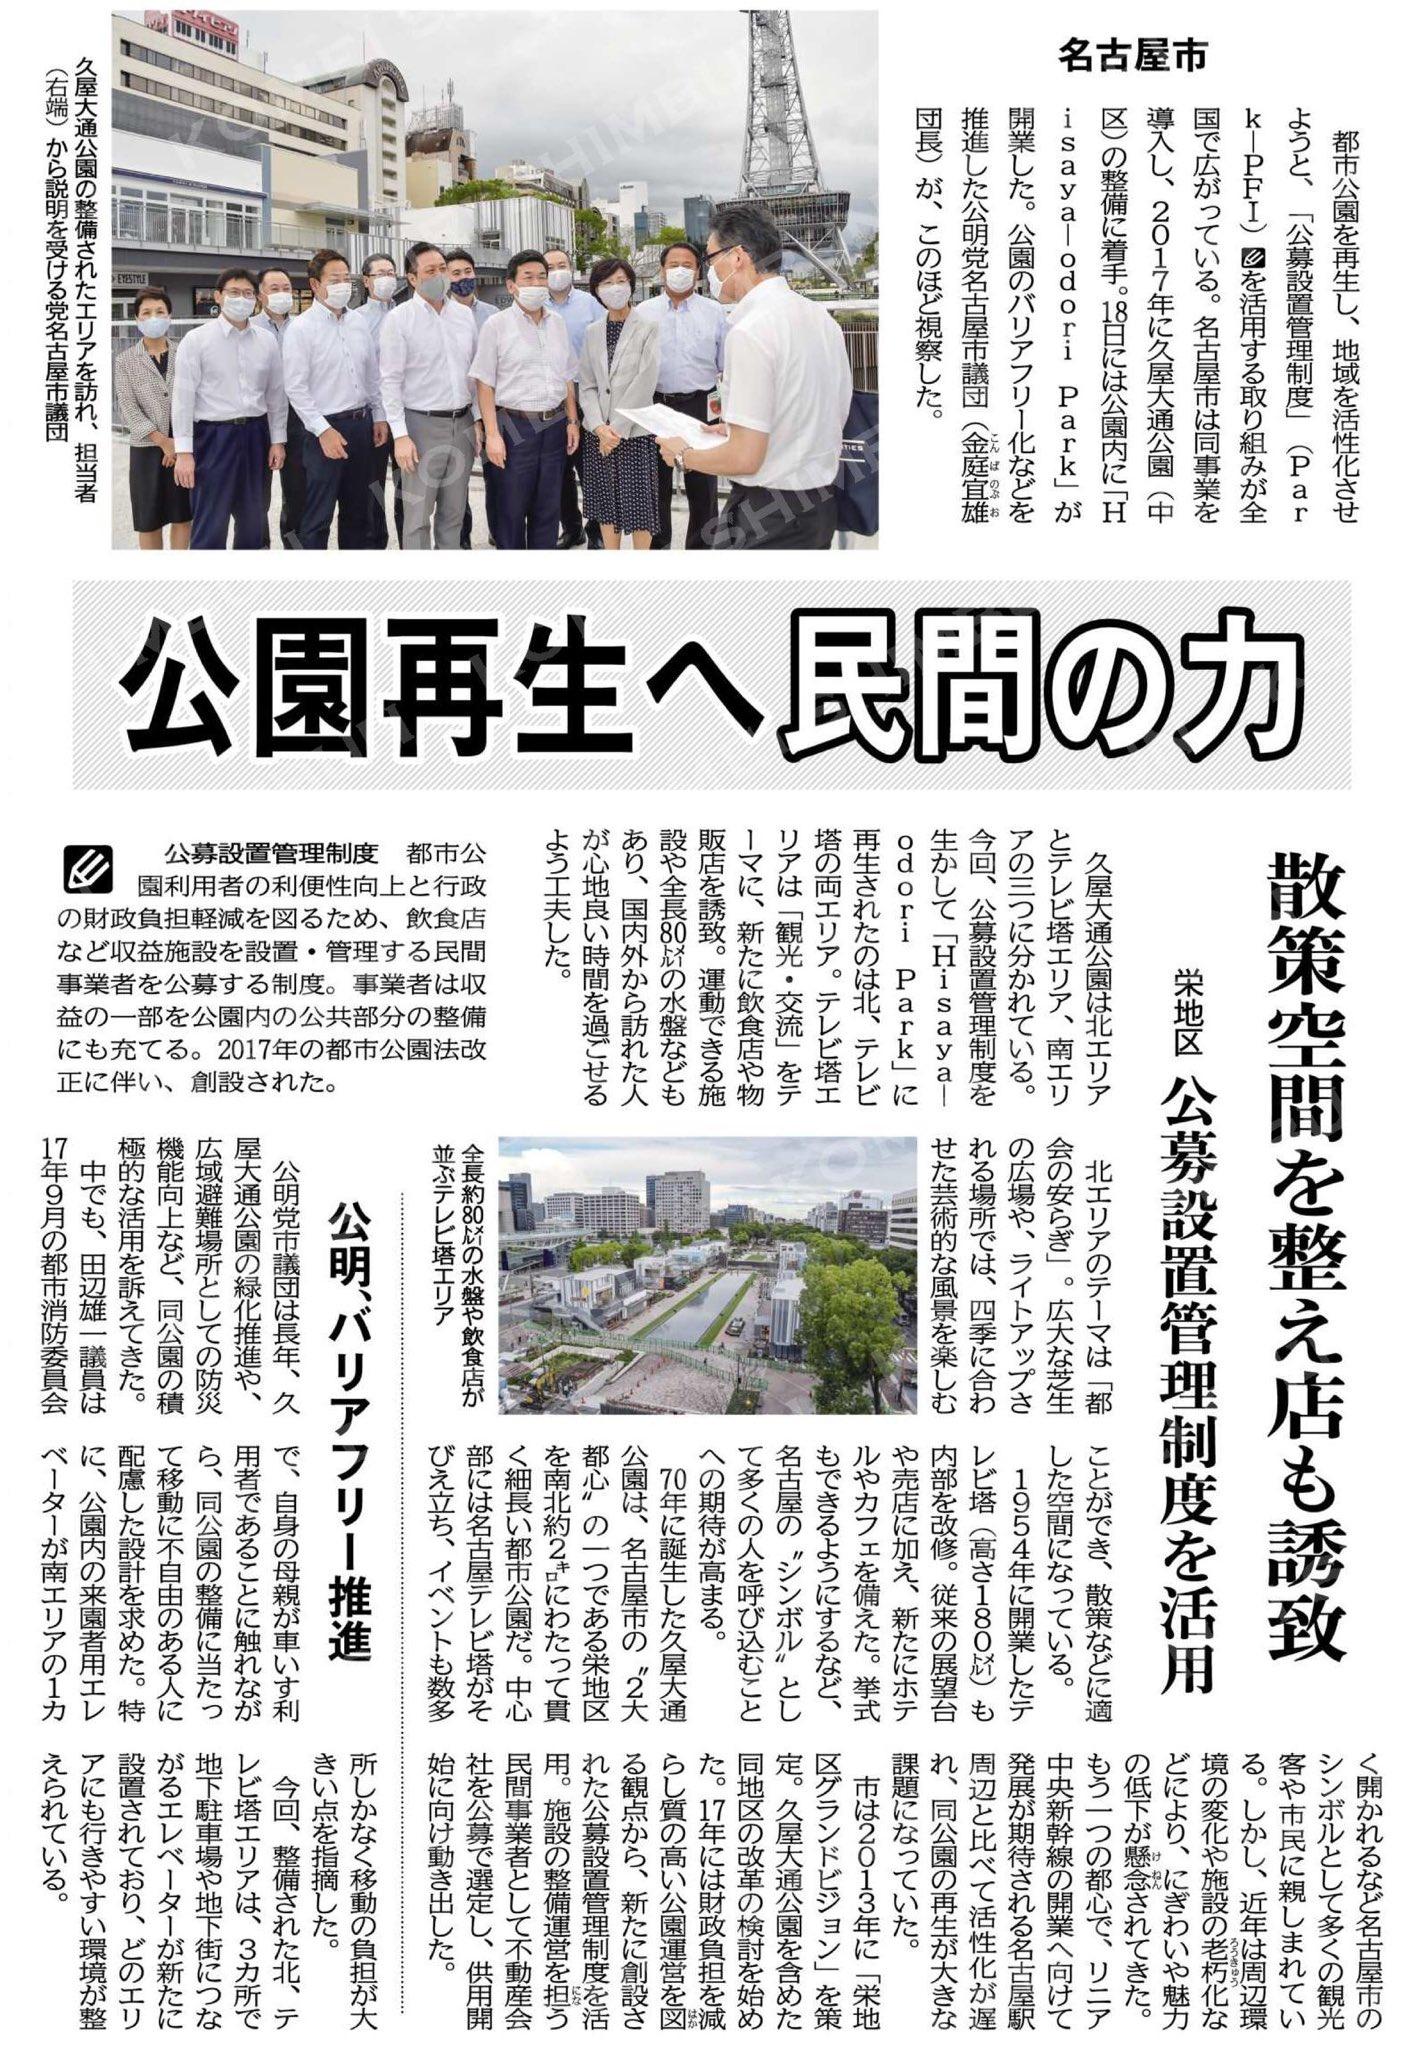 公園再生へ民間の力/散策空間を整え店も誘致/名古屋市